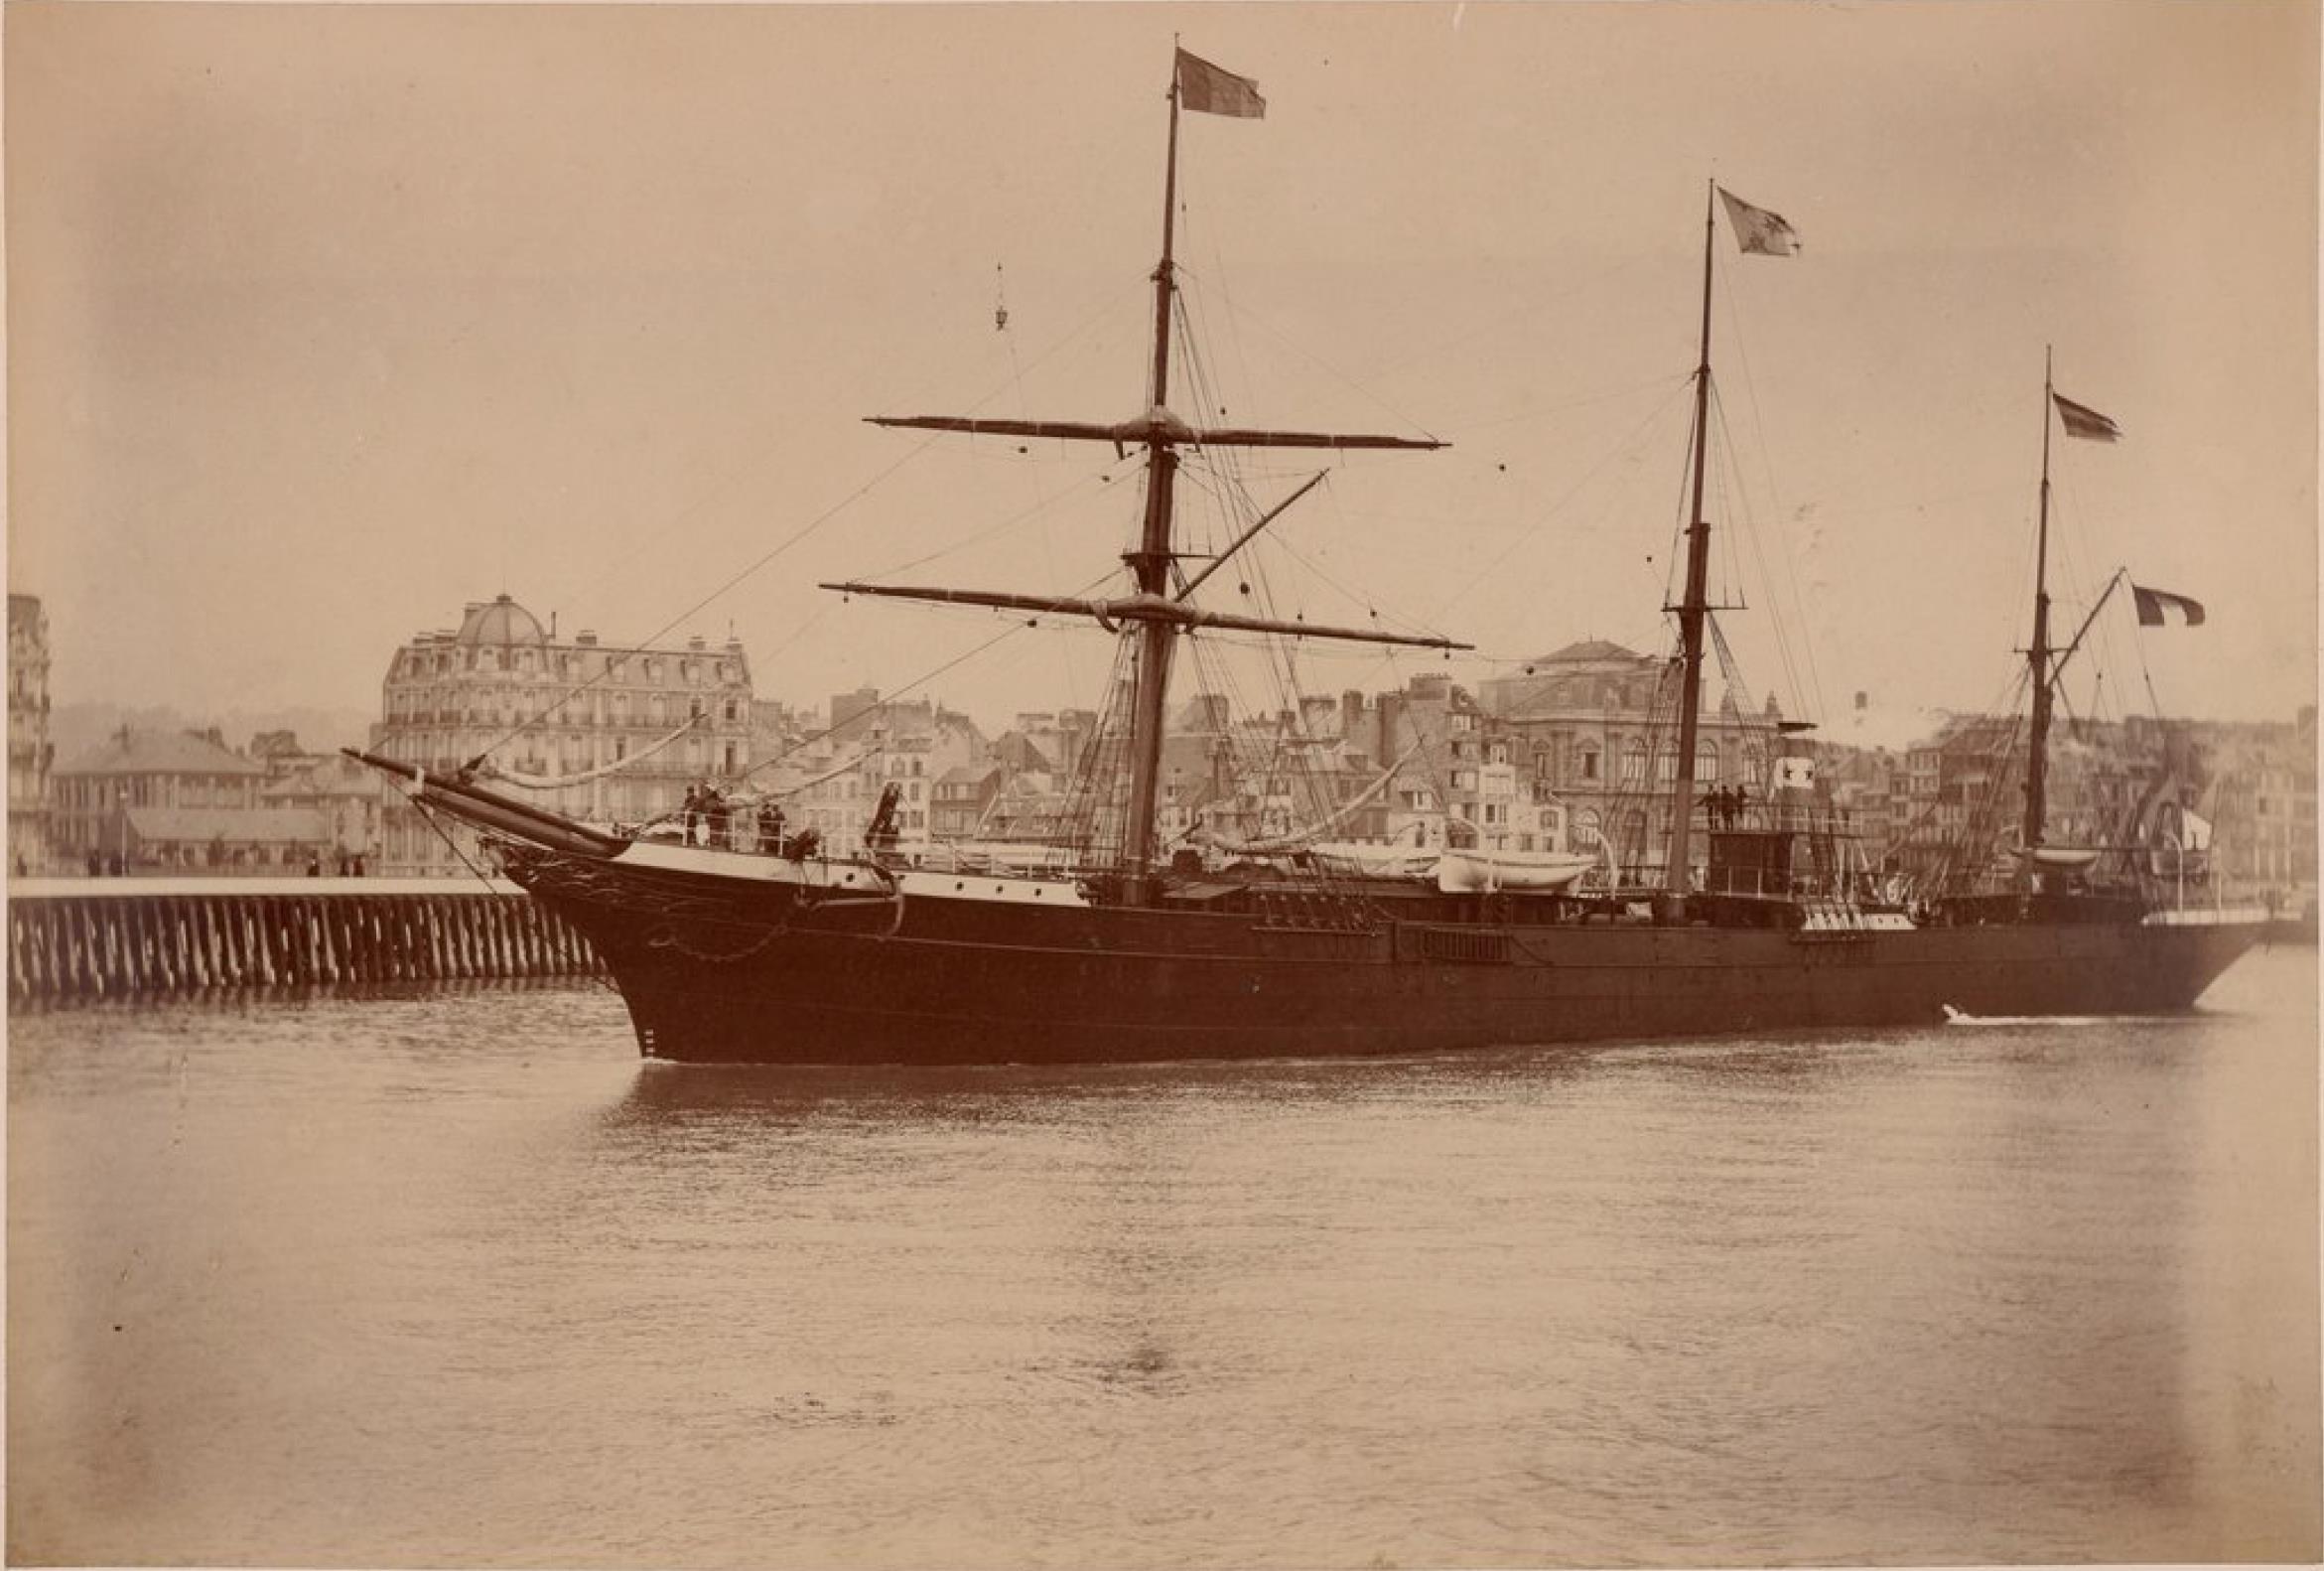 Компания «Chargeurs Reunis». Гавр. Пассажирское судно «Город Сантос». Линия Гавр - Южная Америка